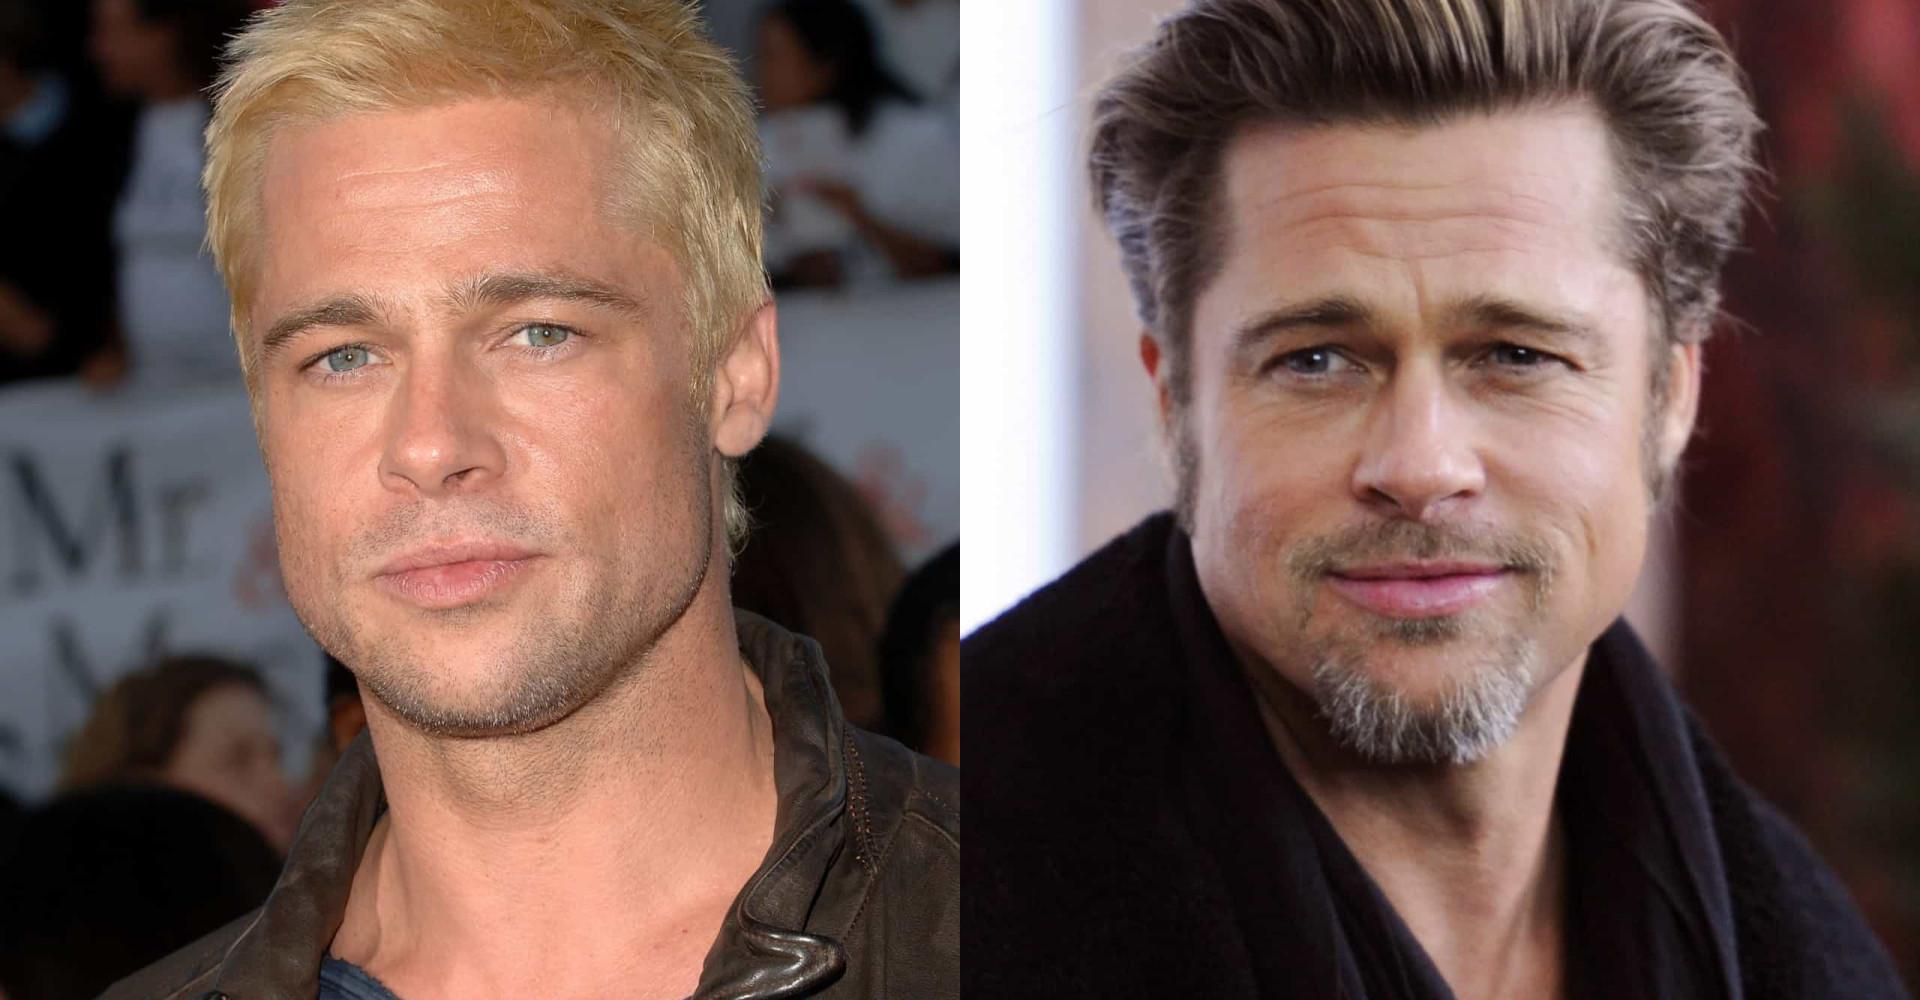 Gefärbt mann haare blond Second Life